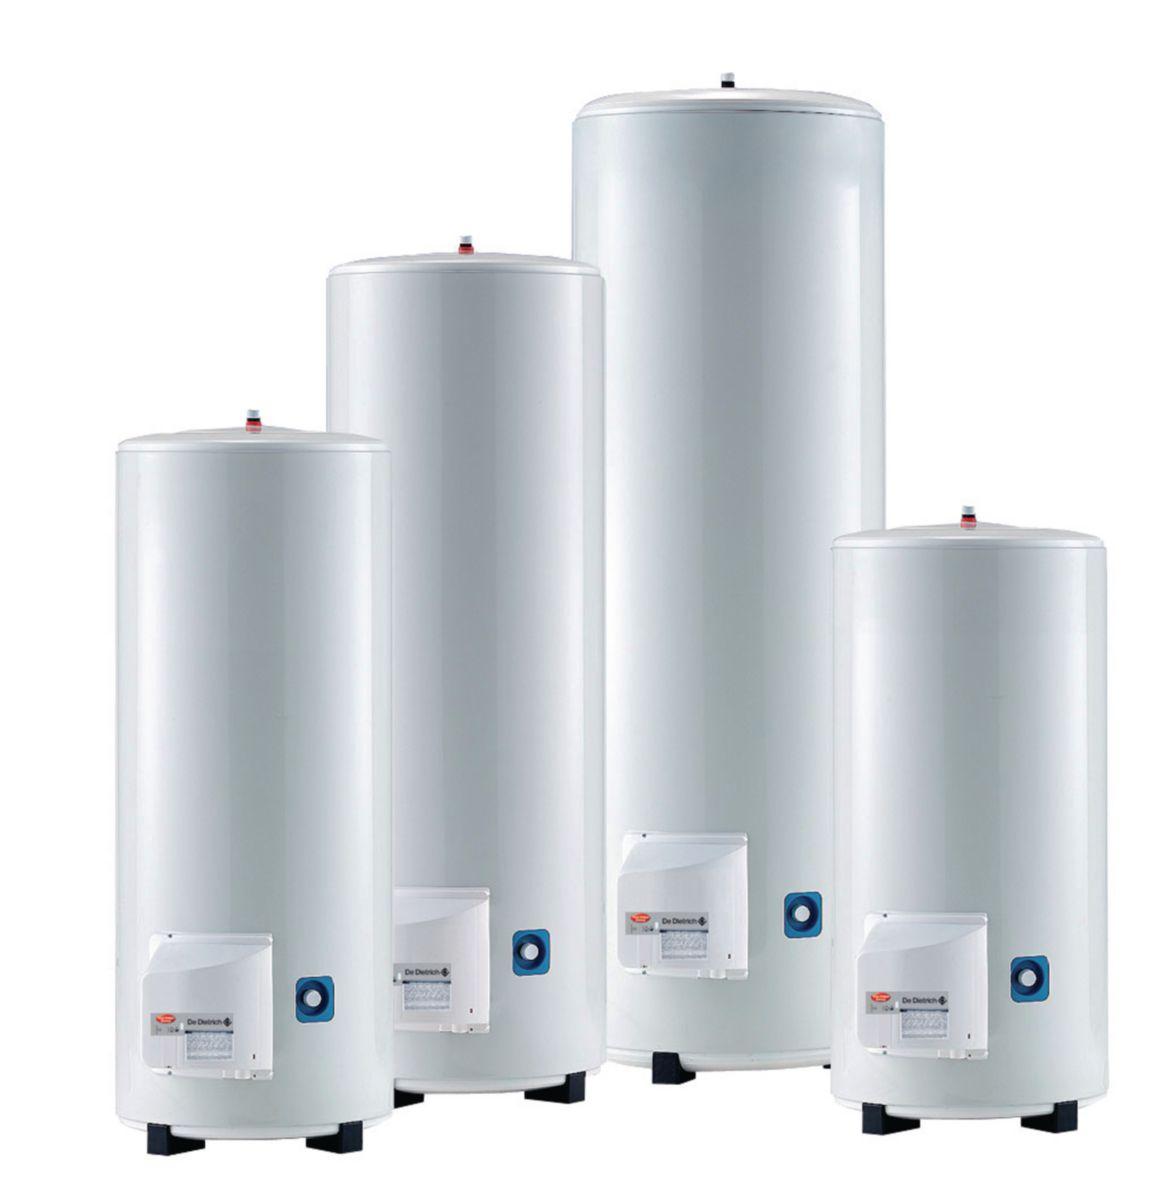 Chauffe-eau électrique sur socle monophasé COR-EMAIL THS+ de 250 litres classe énergétique C réf. 7605043